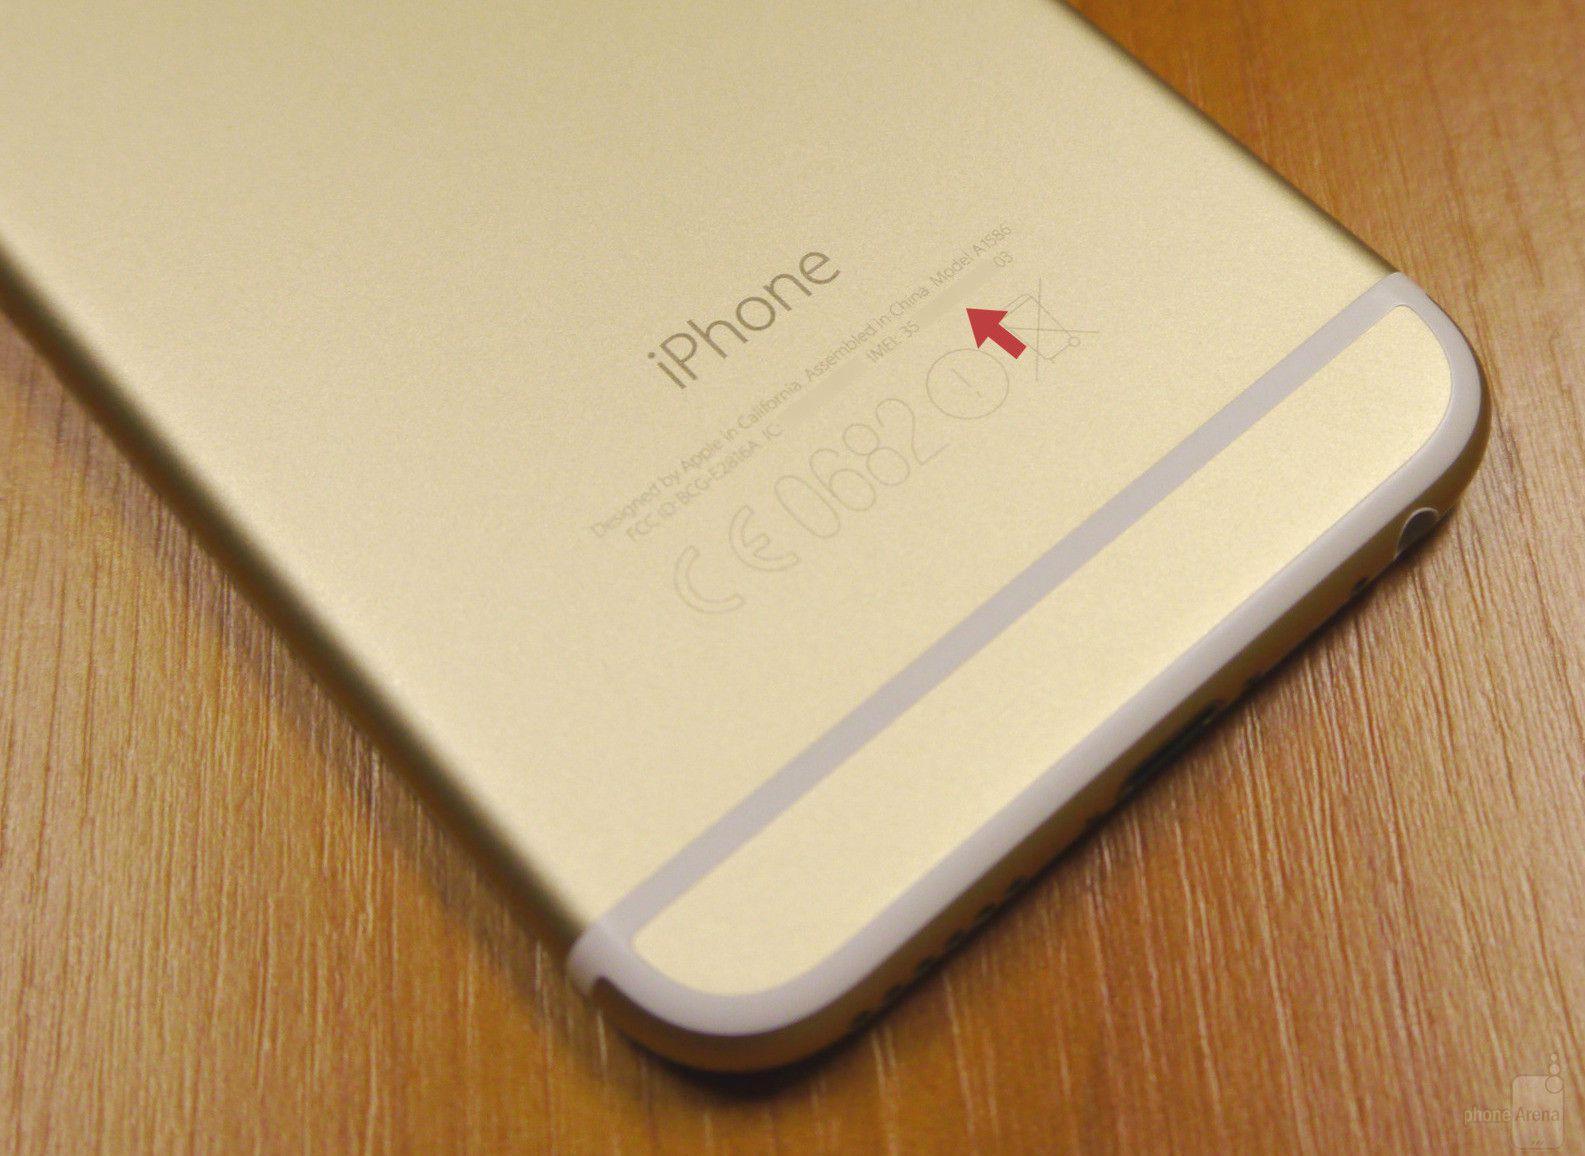 IMEI là gì? Cách kiểm tra số IMEI trên điện thoại iPhone, Android - META.vn